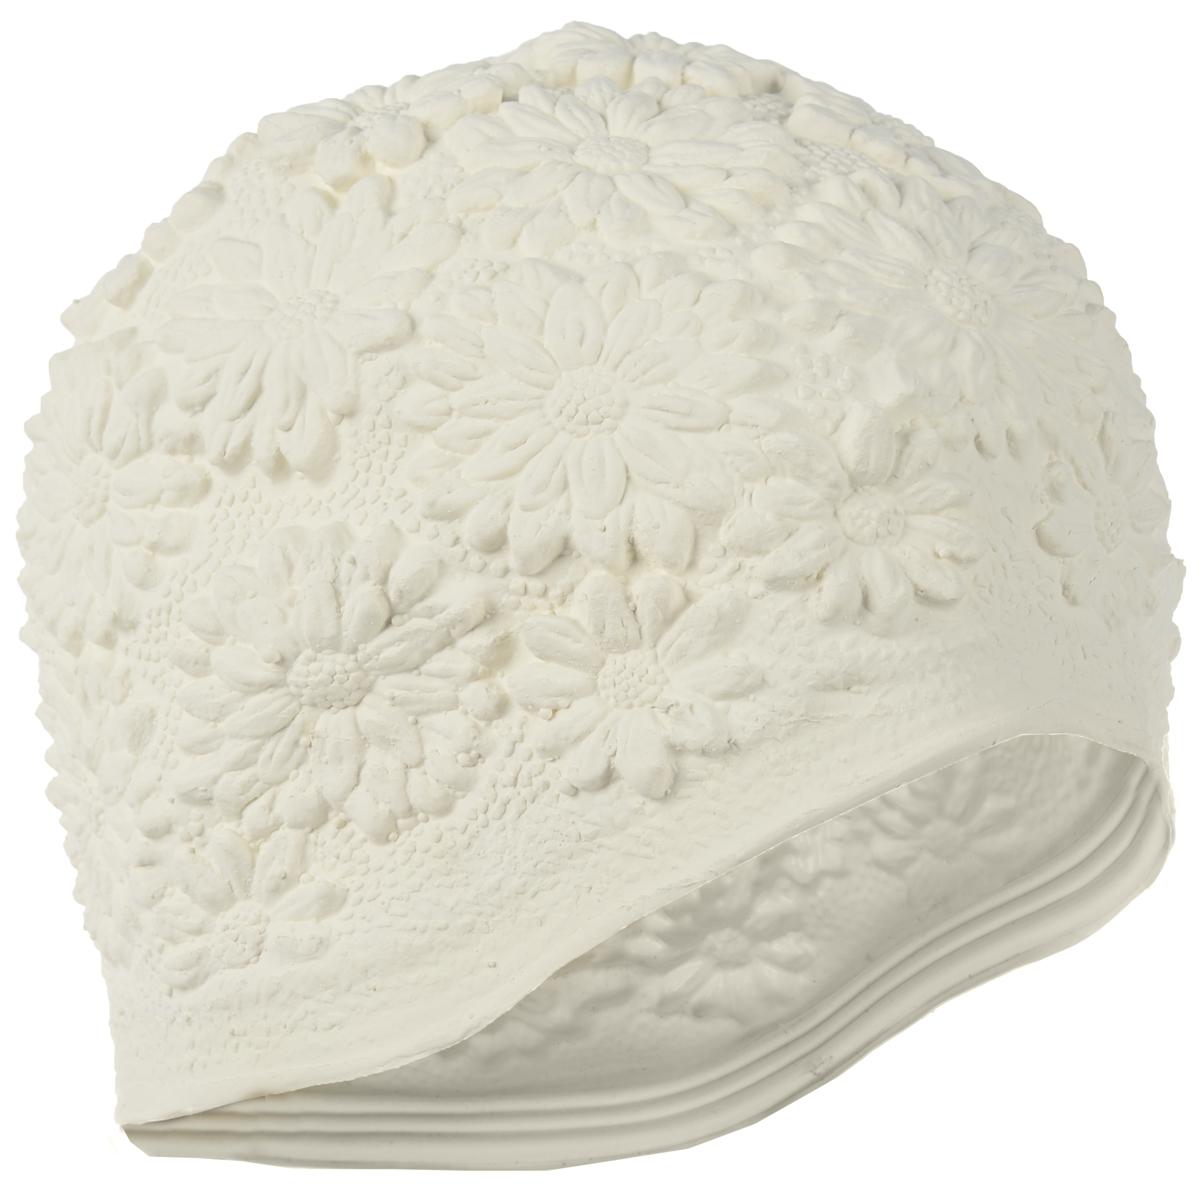 Шапочка для плавания MadWave Hawaii Chrysanthemum, женская, цвет: белыйM0517 02 0 02WЛатексная шапочка для плавания MadWave Hawaii Chrysanthemum декорирована цветочным рельефом. Имеет превосходную эластичность и высокий уровень комфорта. Высококачественный материал обеспечивает долгий срок службы. Пузырьковая поверхность уменьшает площадь соприкосновения с волосами. Обхват головы: 53 см.